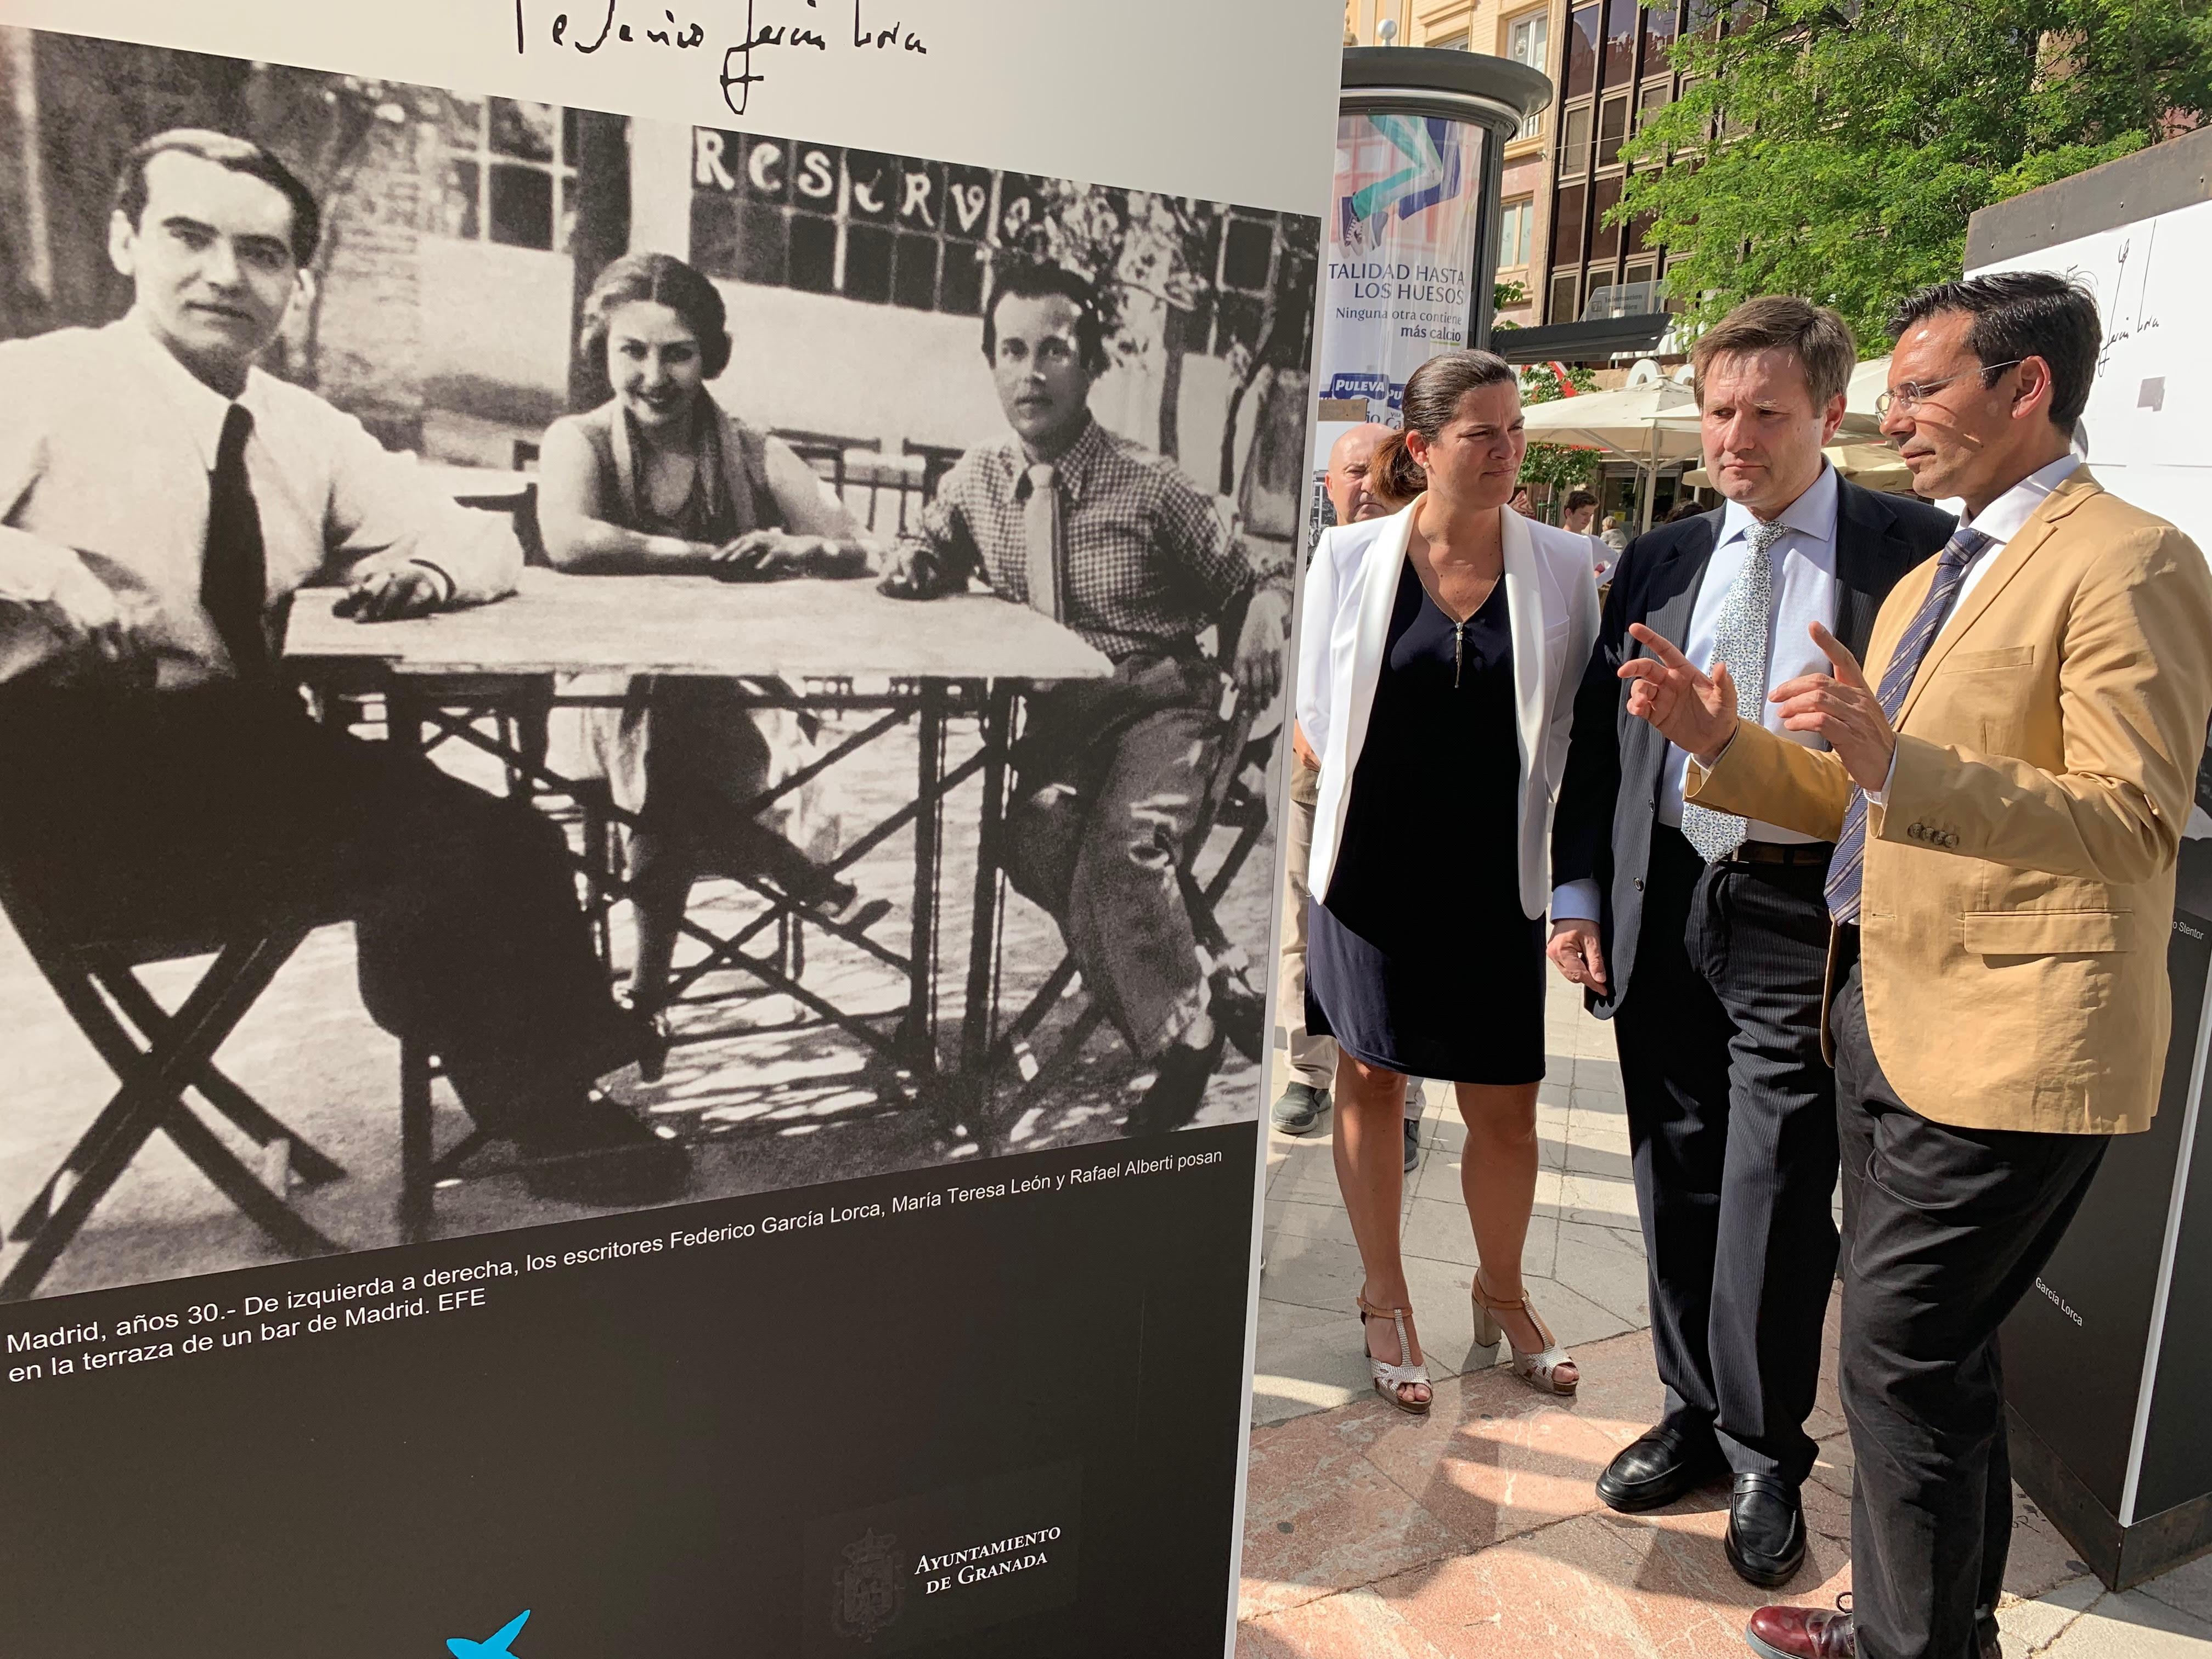 Una exposición en la Fuente de las Batallas muestra fotografías historicas de Federico García Lorca